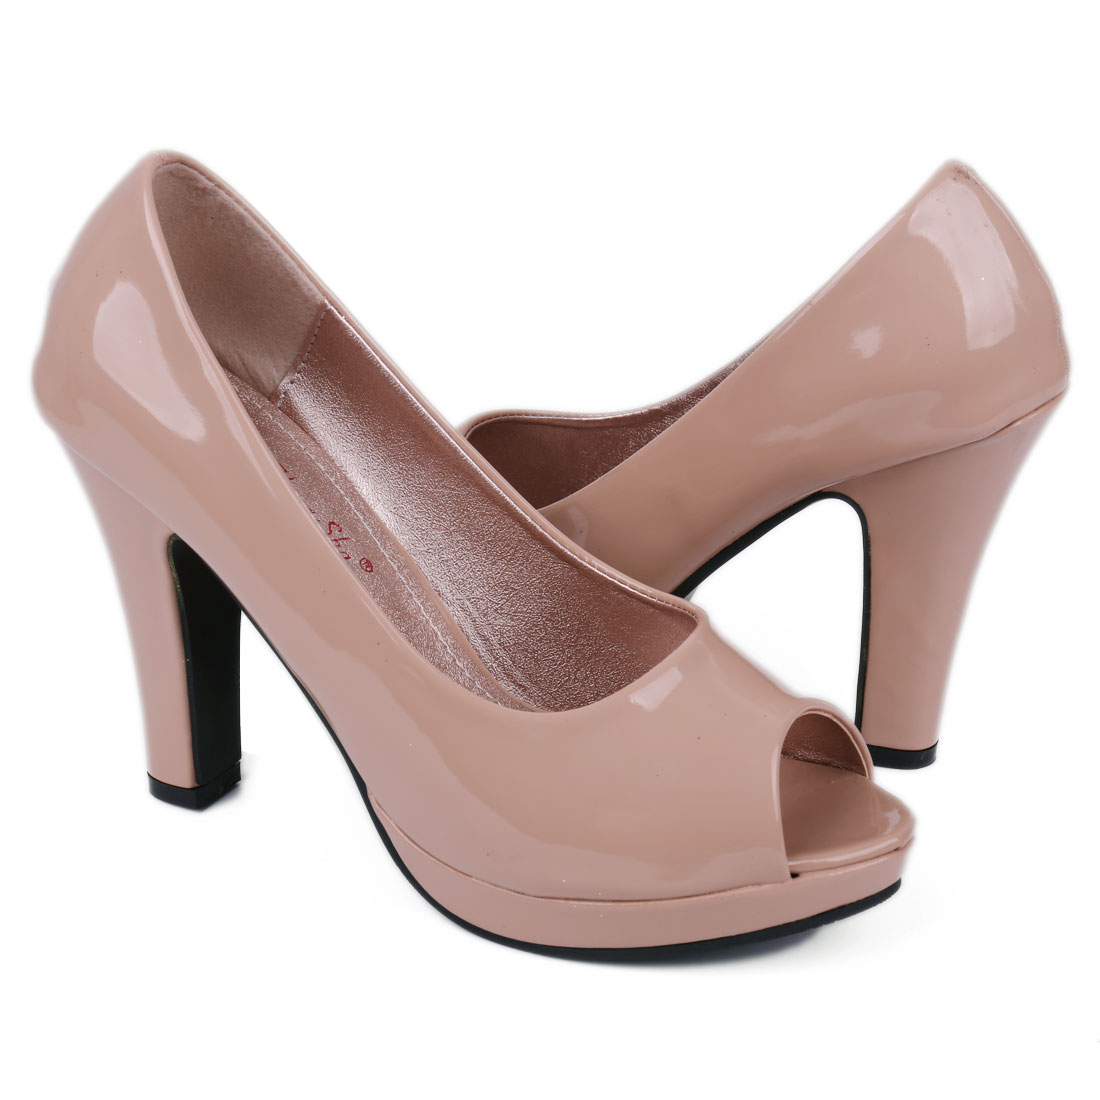 Ladies Open Toe High Heel Patent Upper Platform Pumps US 7